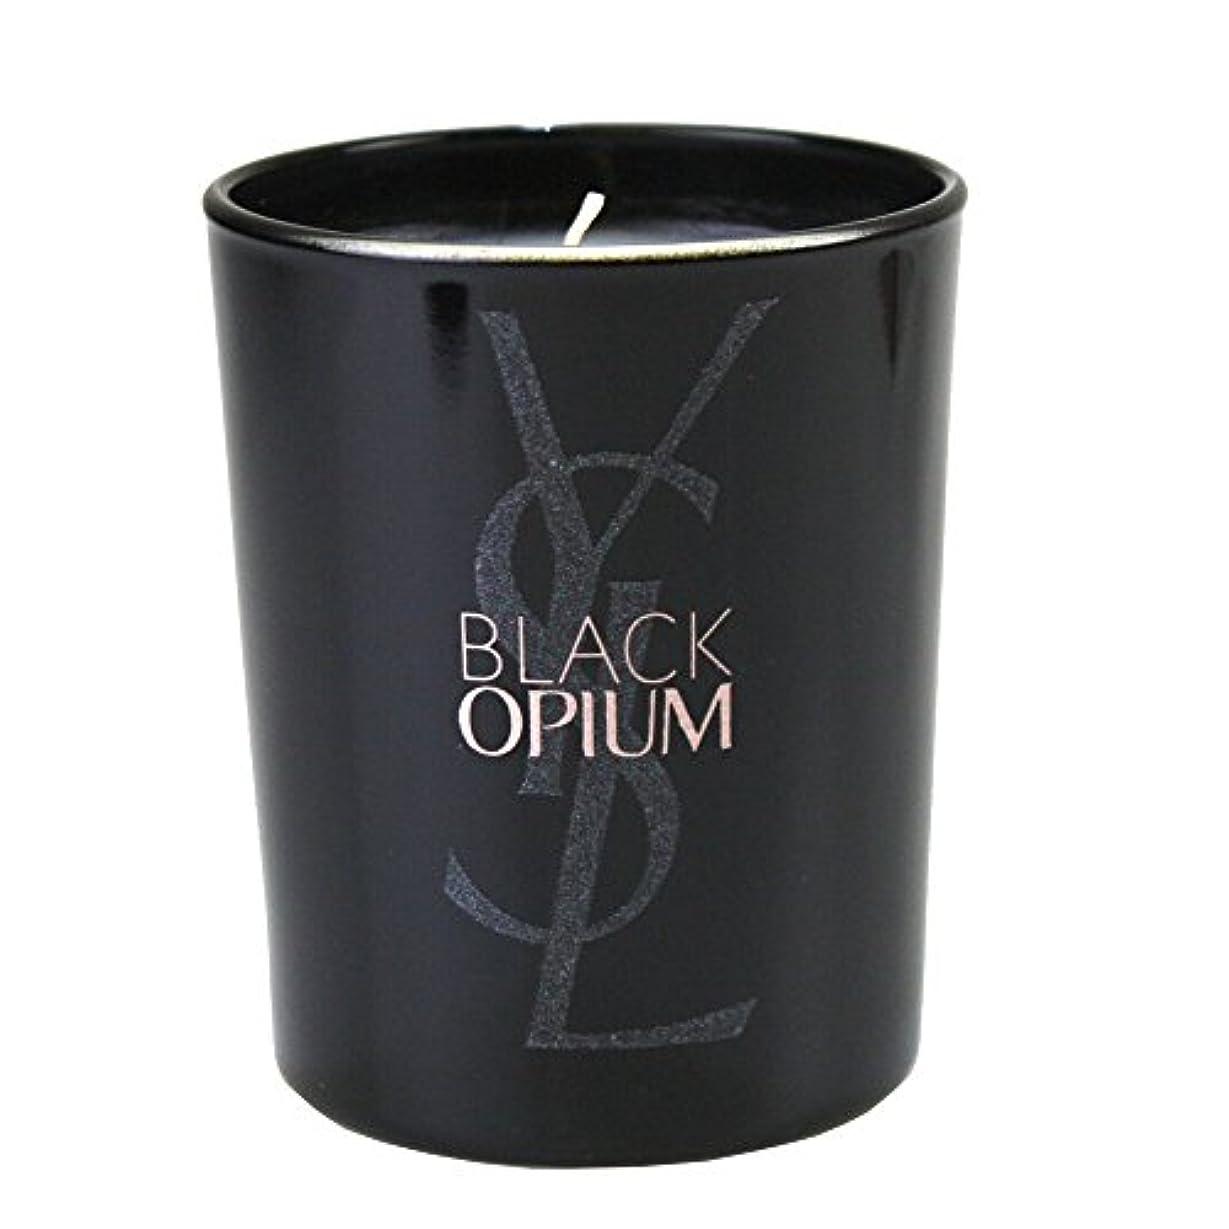 怒る鋭く印象(イヴ サンローラン) Yves saint Laurent アロマキャンドル パリジェンヌ BLACK OPIUM 化粧 メイク コスメ ロゴ 黒 ブラック フルーティー フローラル コーヒー ジャスミンティーペタル